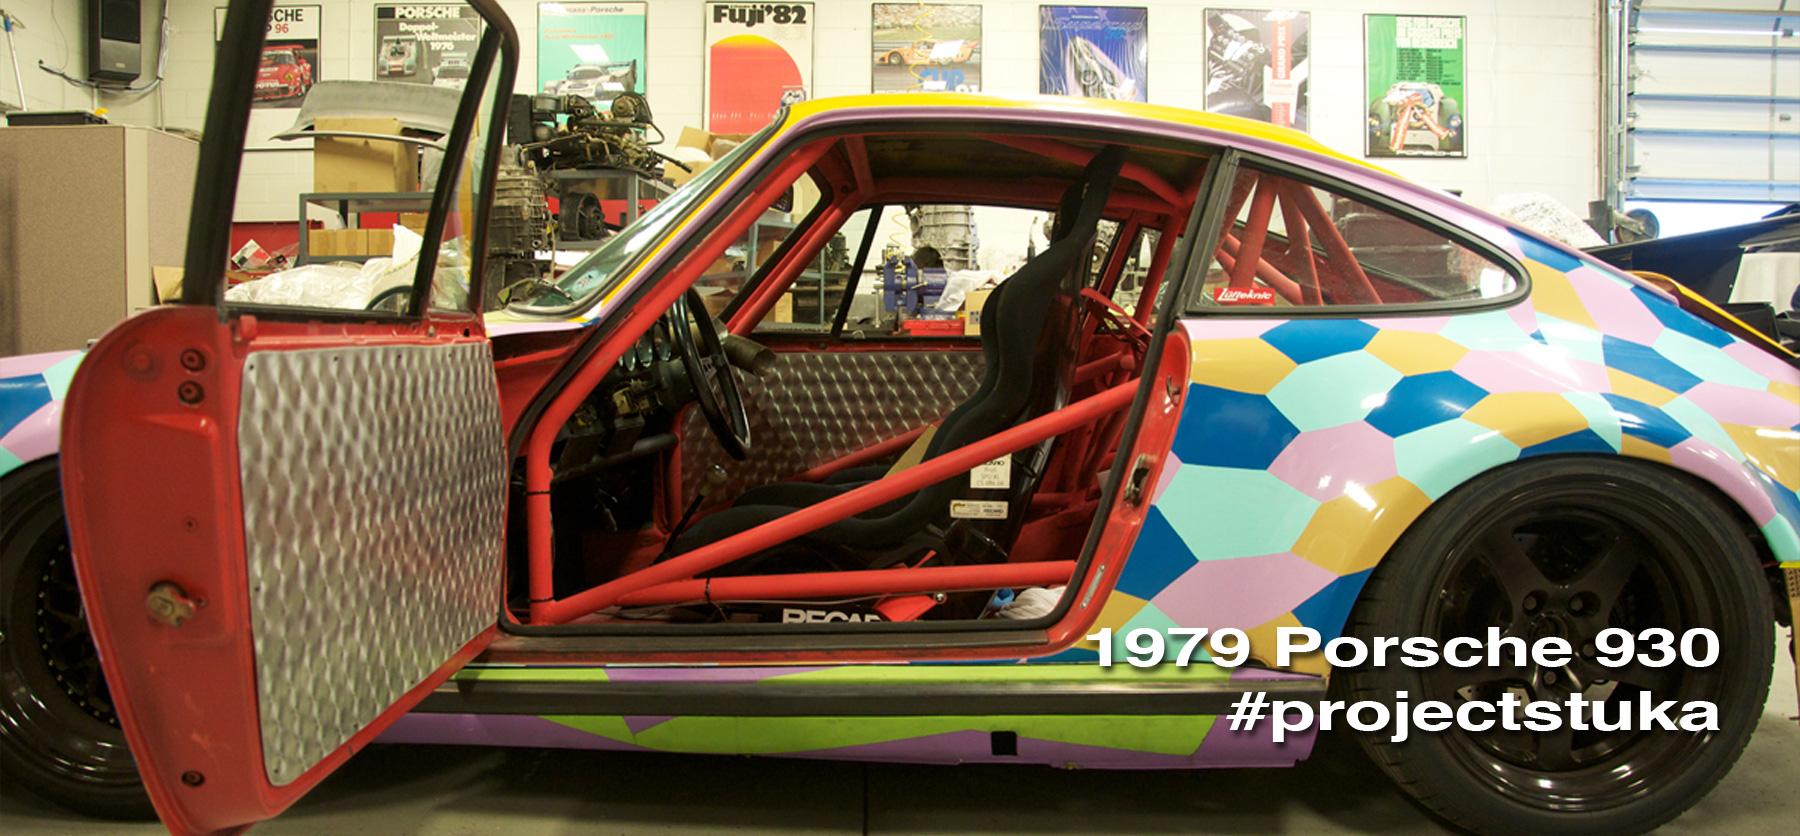 Projectstuka header image showing the car with an open door.